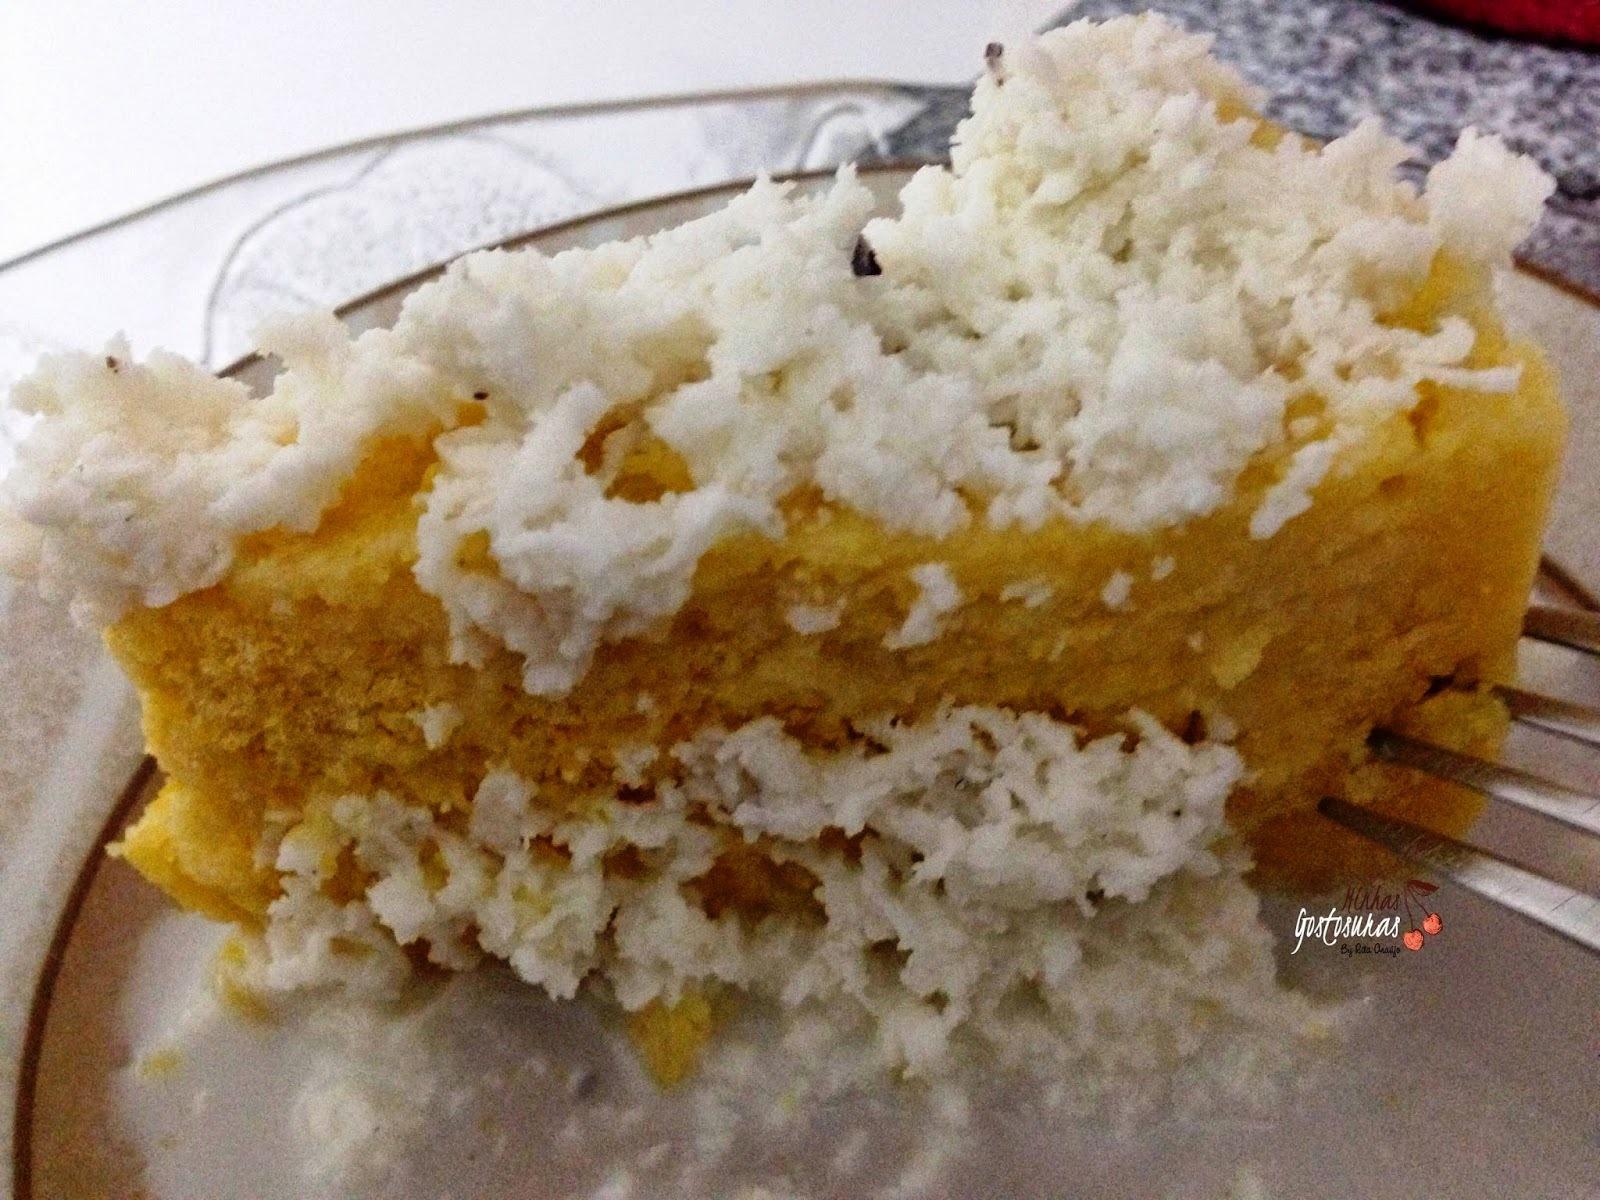 cuscuz doce com coco com farinha de milho